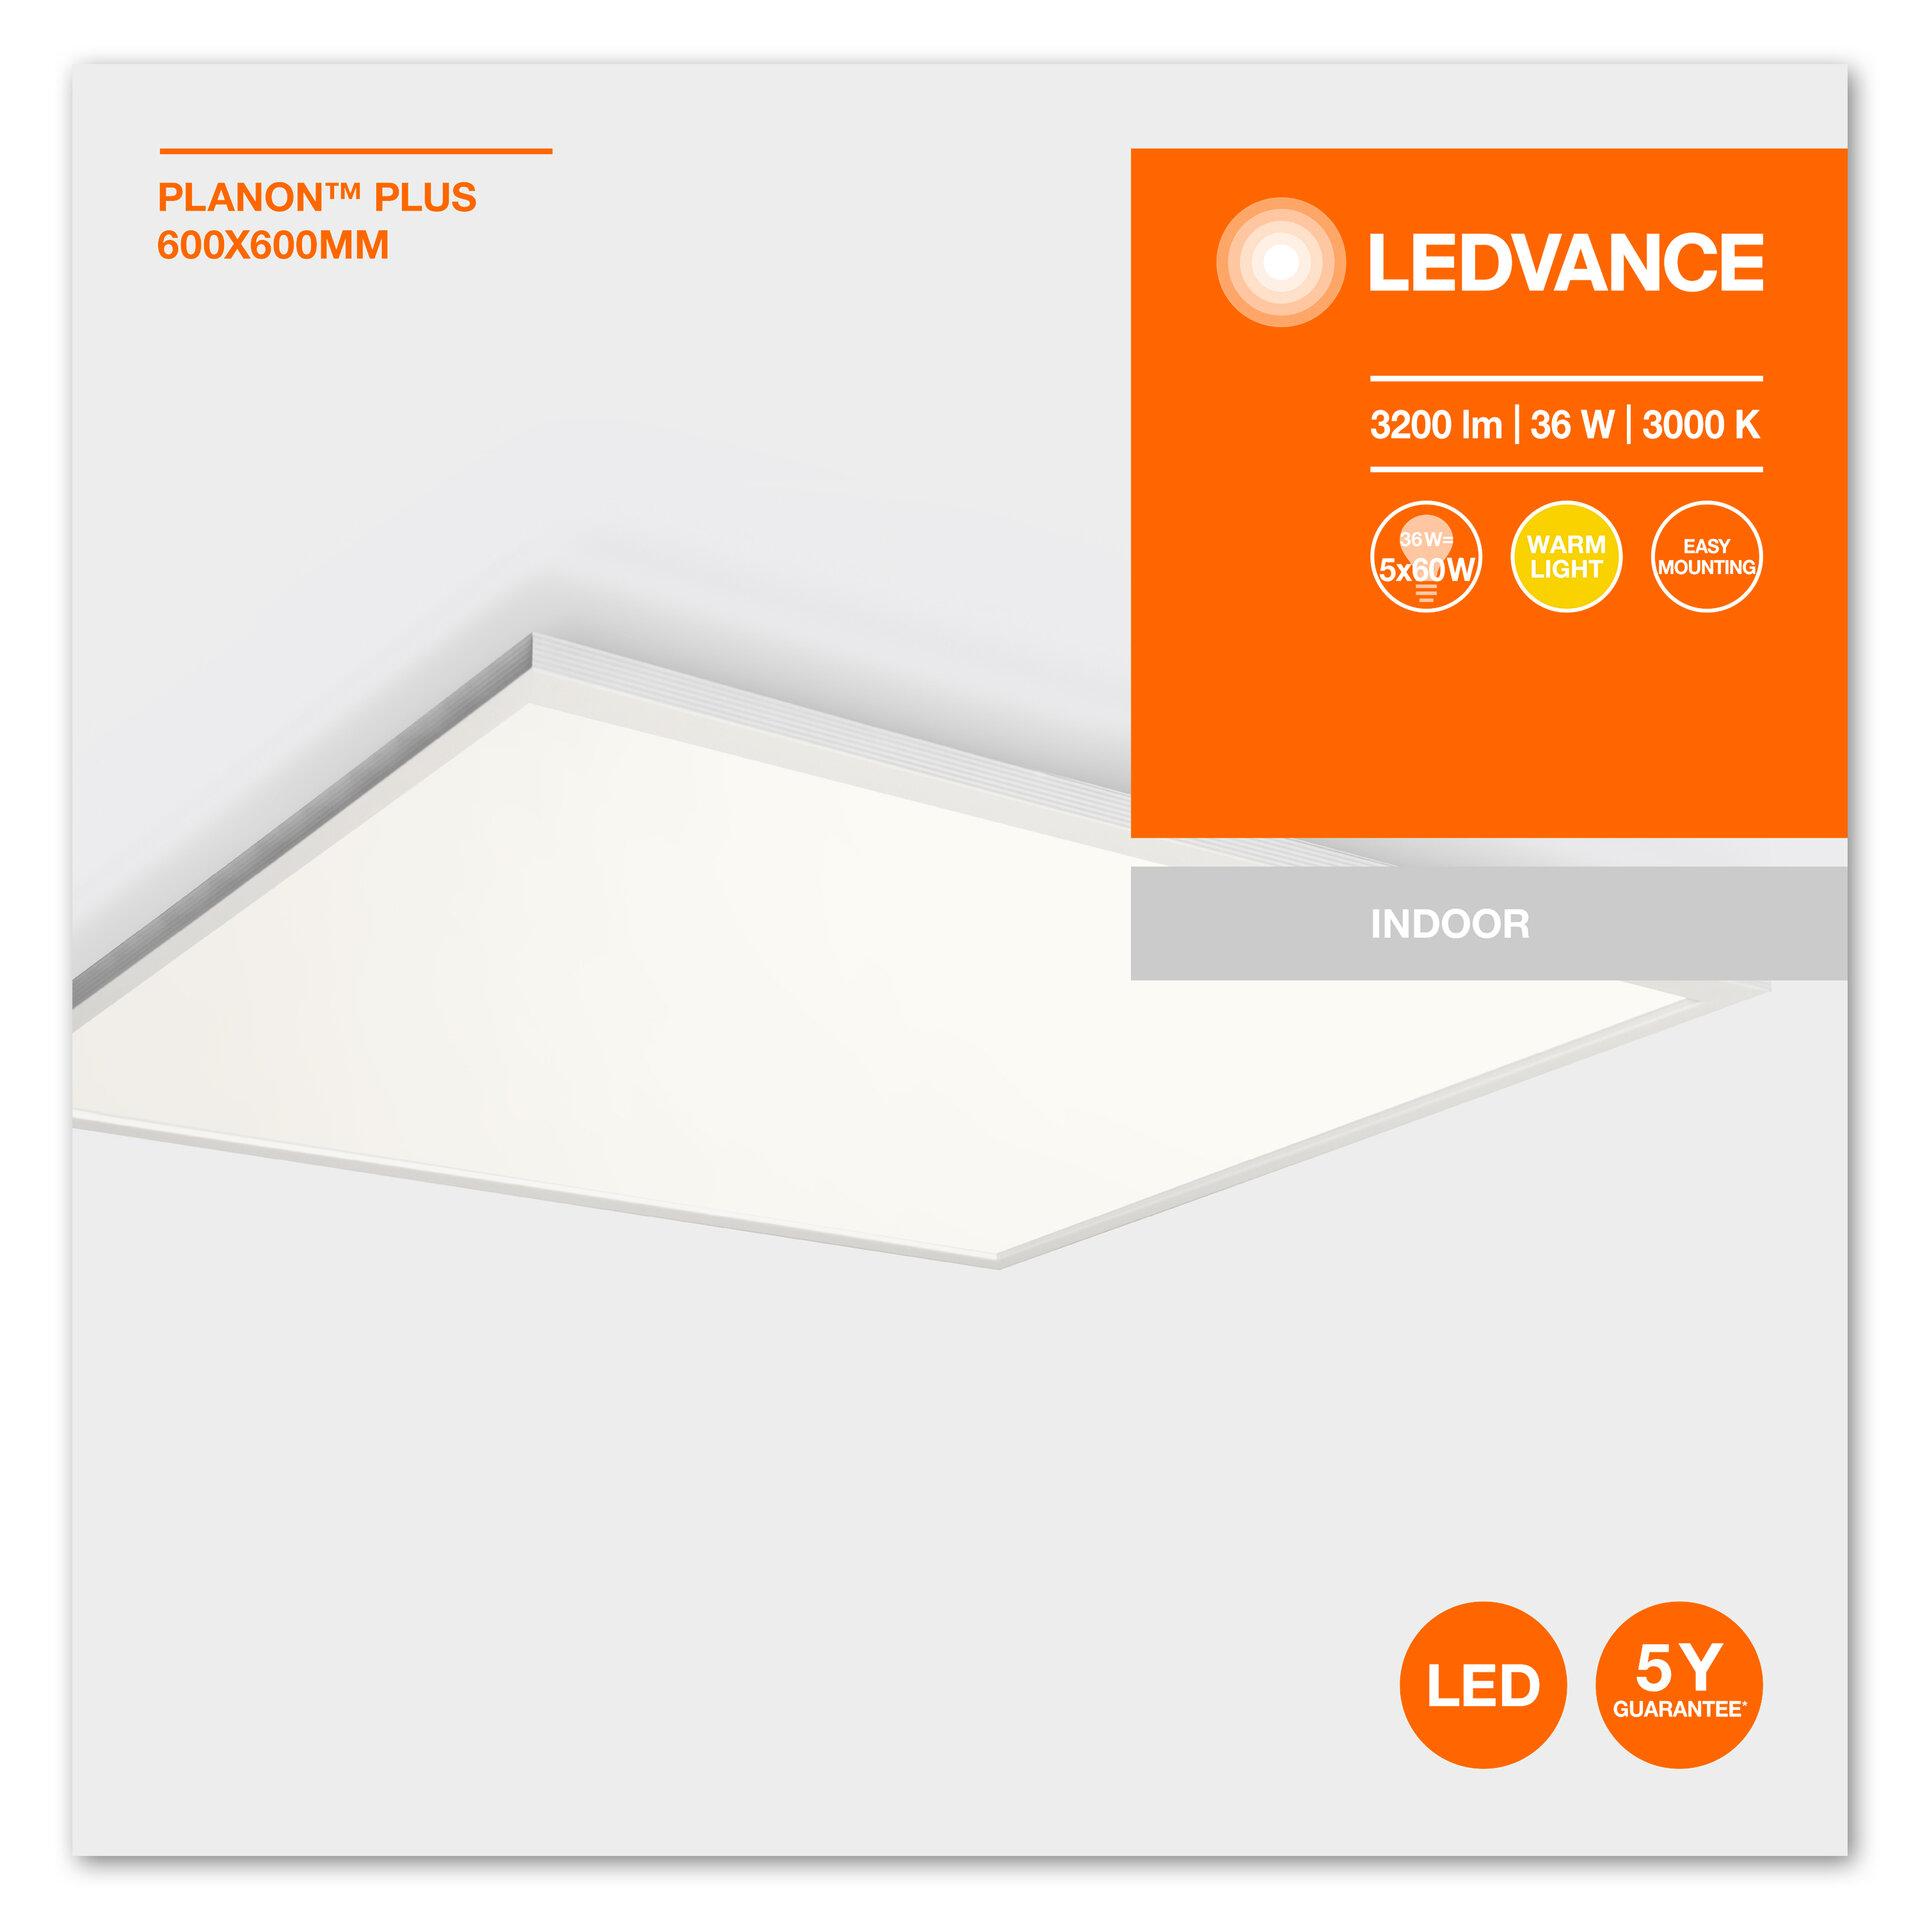 (104) LED ПАНЕЛ LEDVANCE PLANON PLUS 60x60 3000K